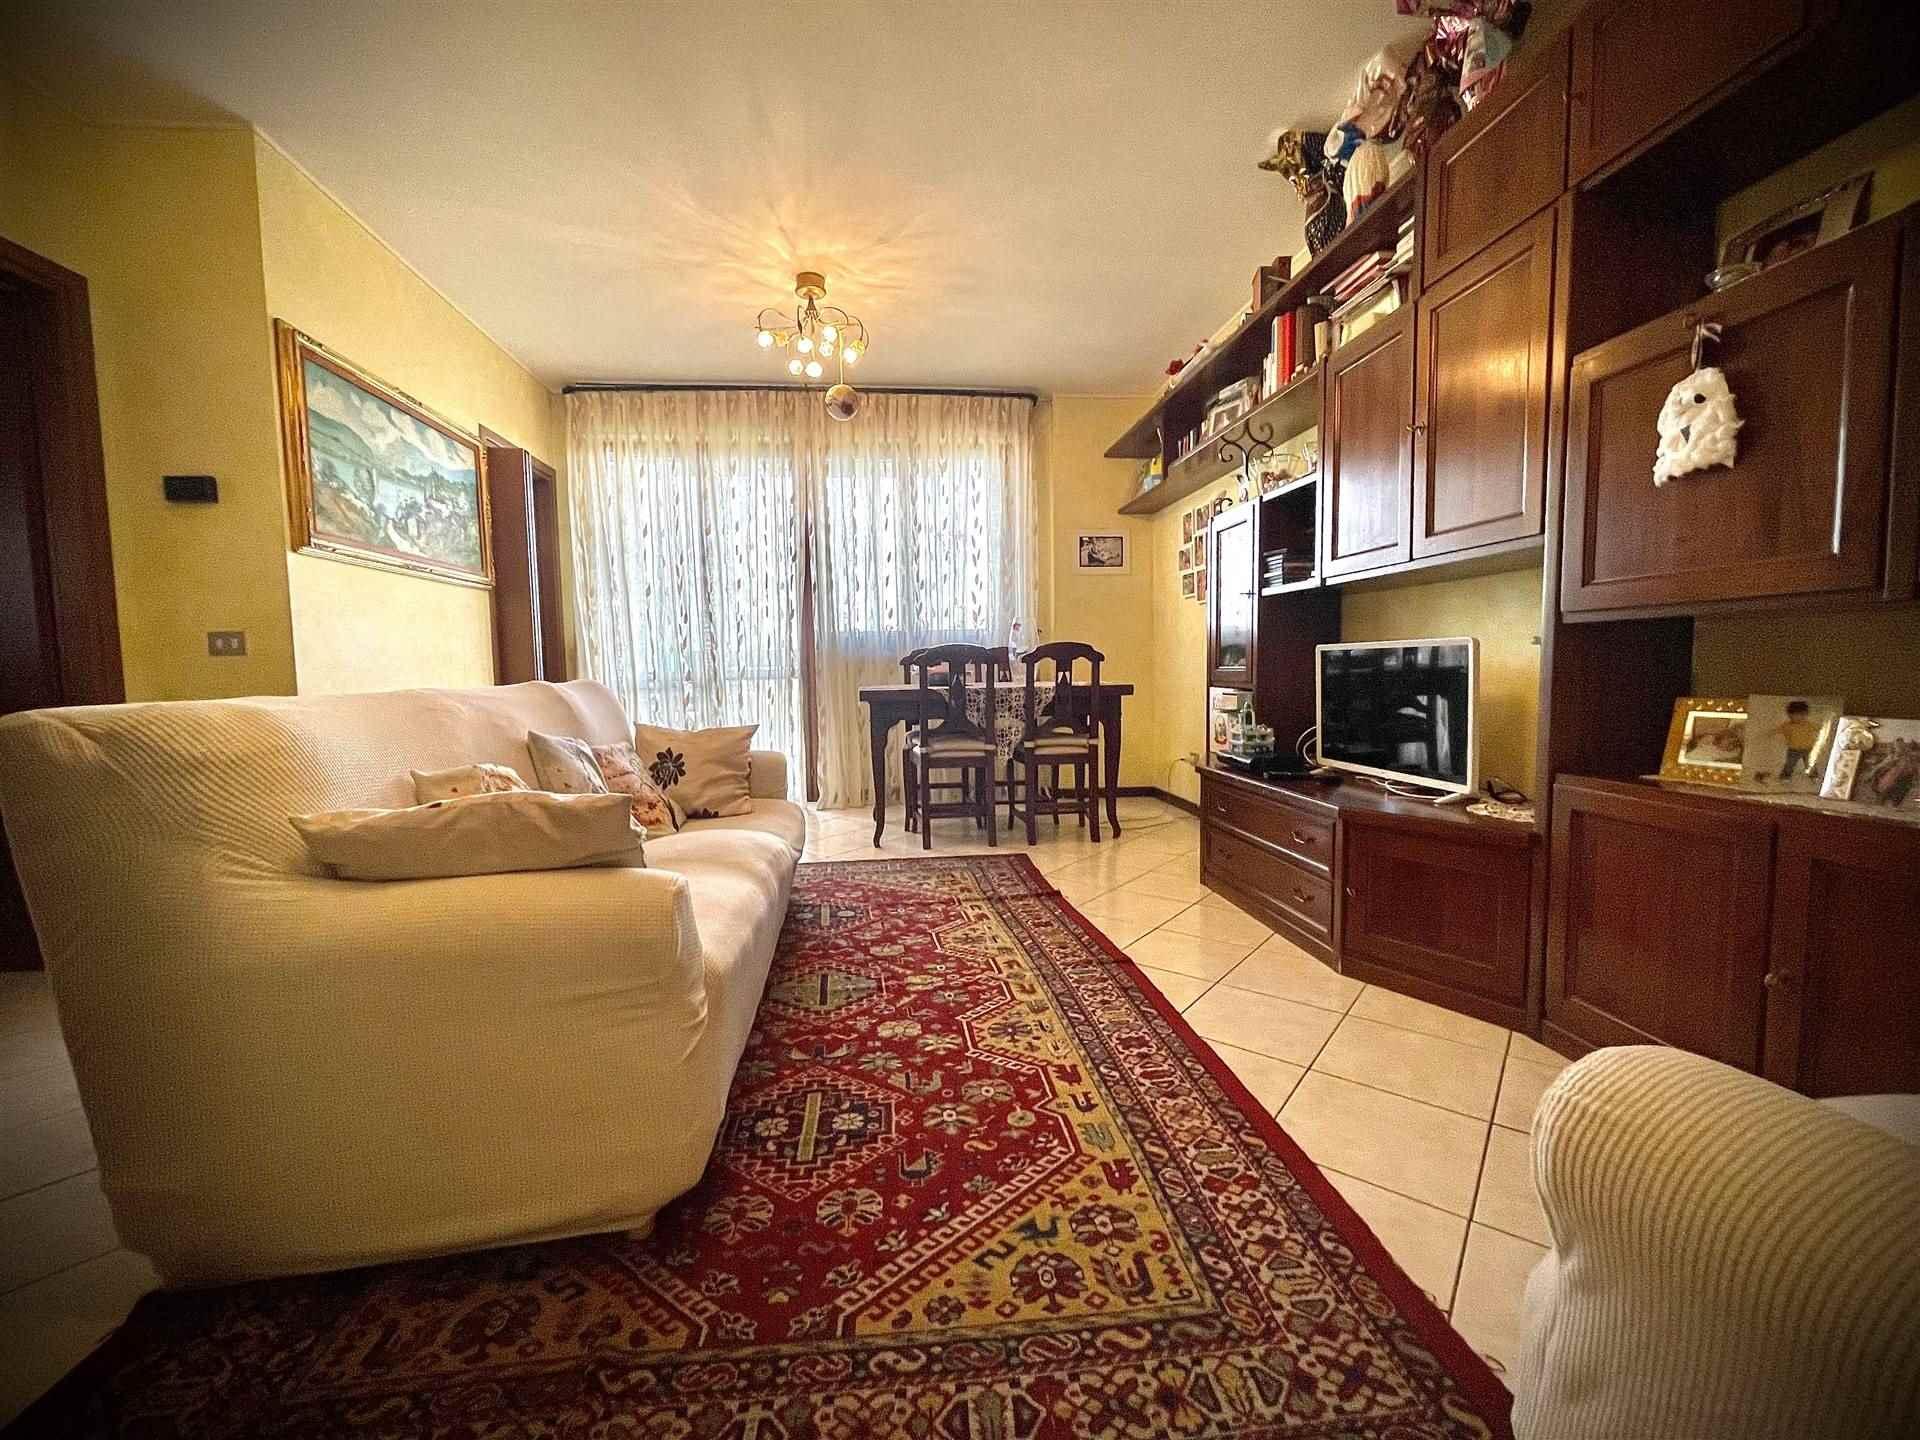 Appartamento in vendita a Carpiano, 4 locali, zona Località: DRAGHETTO, prezzo € 165.000 | CambioCasa.it